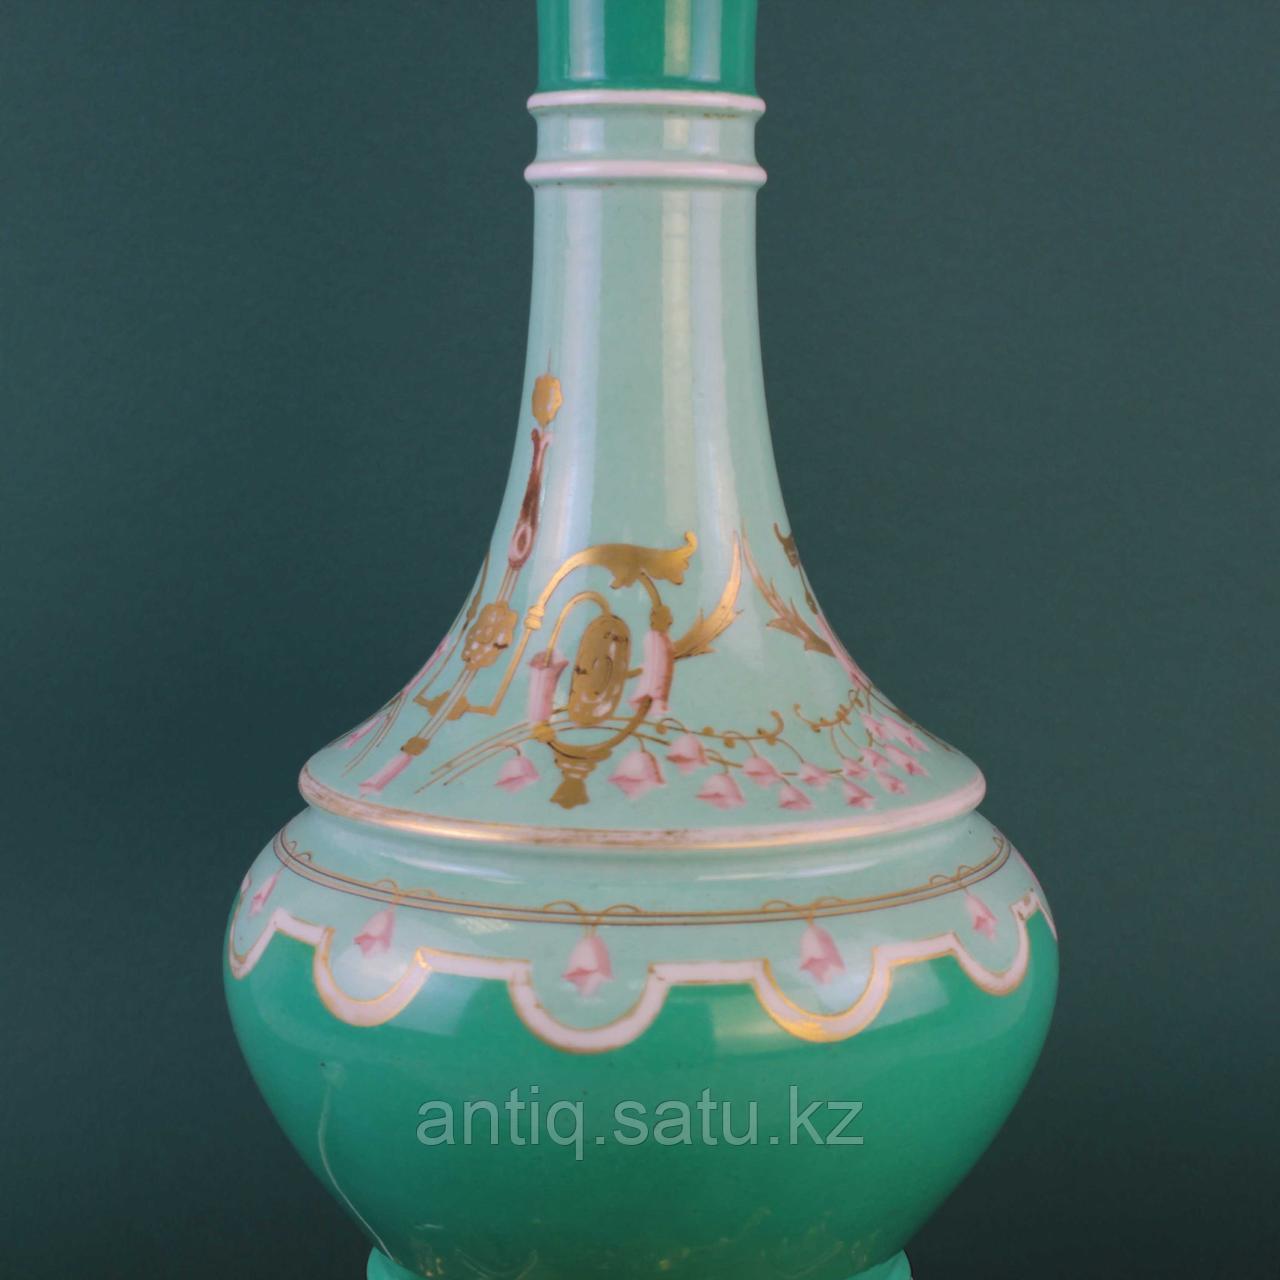 Настольная лампа с зеленым куполом. - фото 3